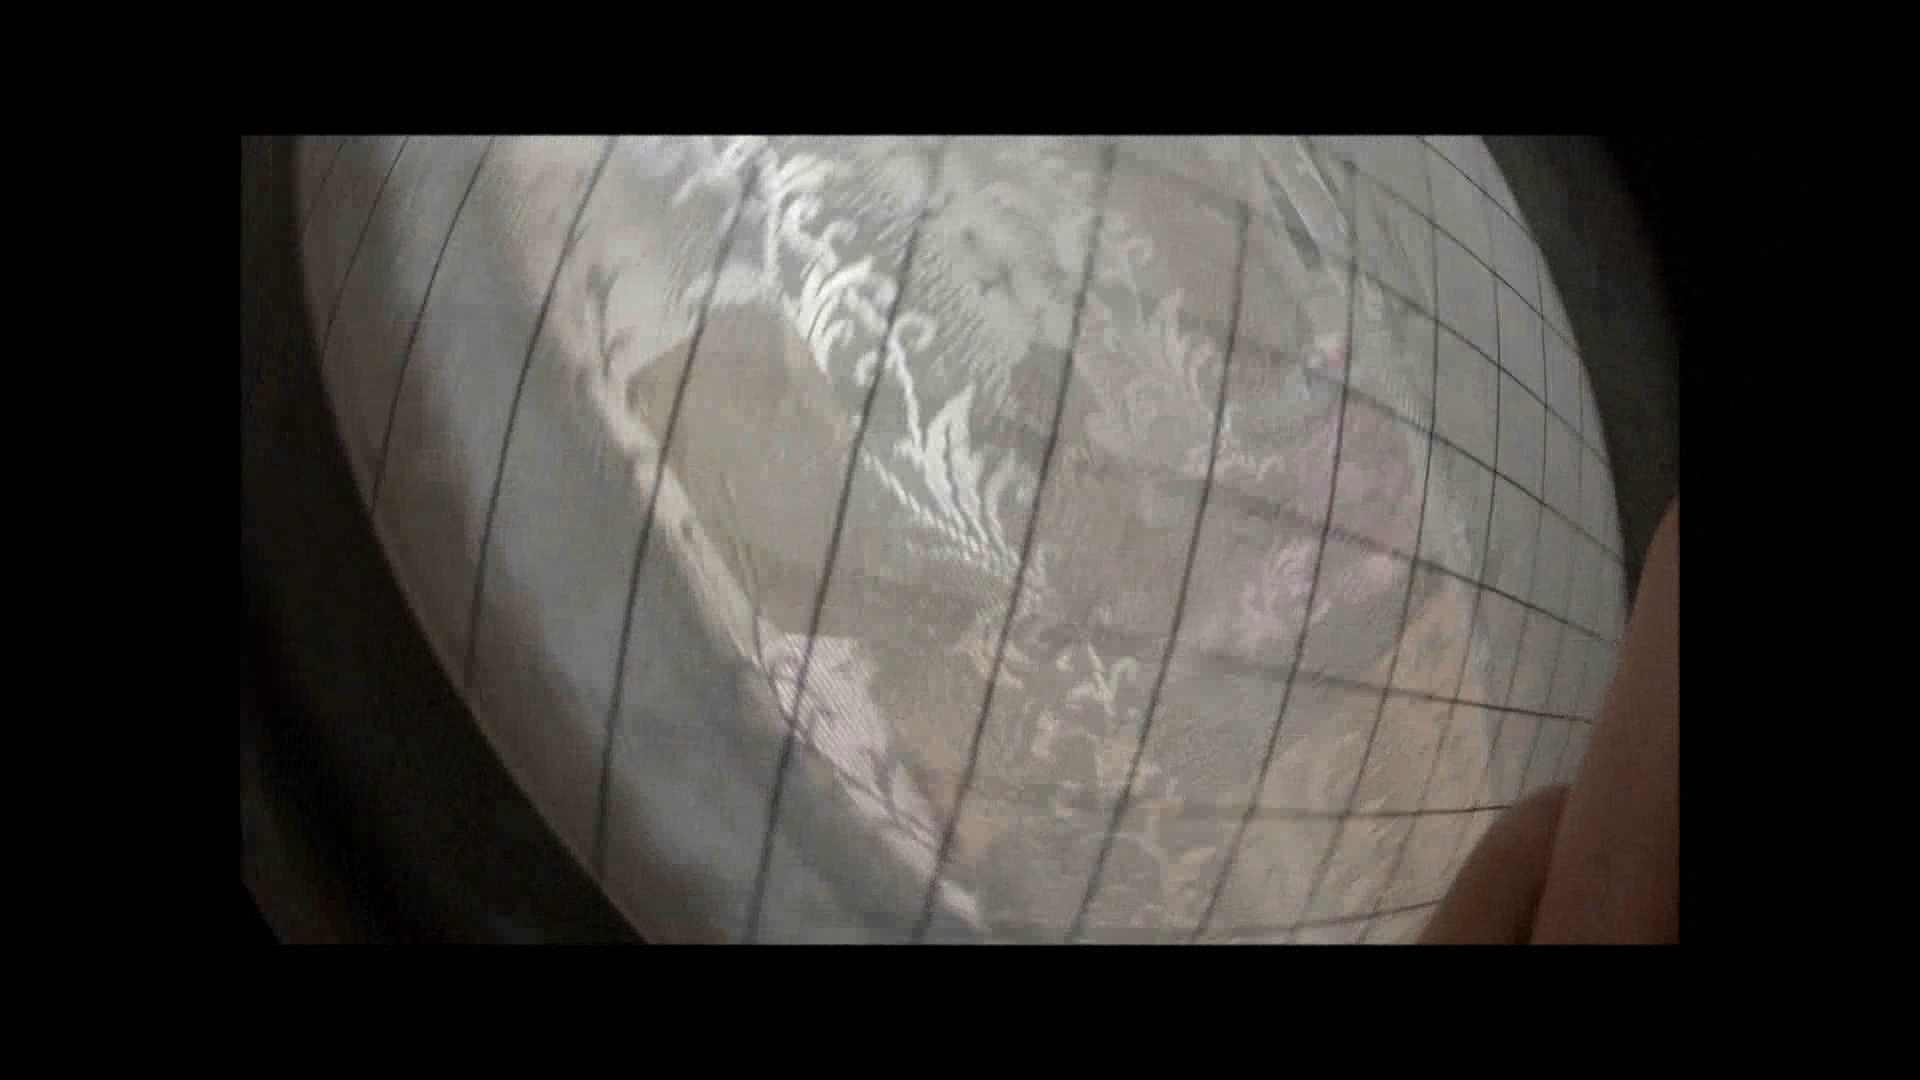 【04】別の日・・・魚眼レンズで広角に撮れました。 マンコ満開 えろ無修正画像 80PIX 78